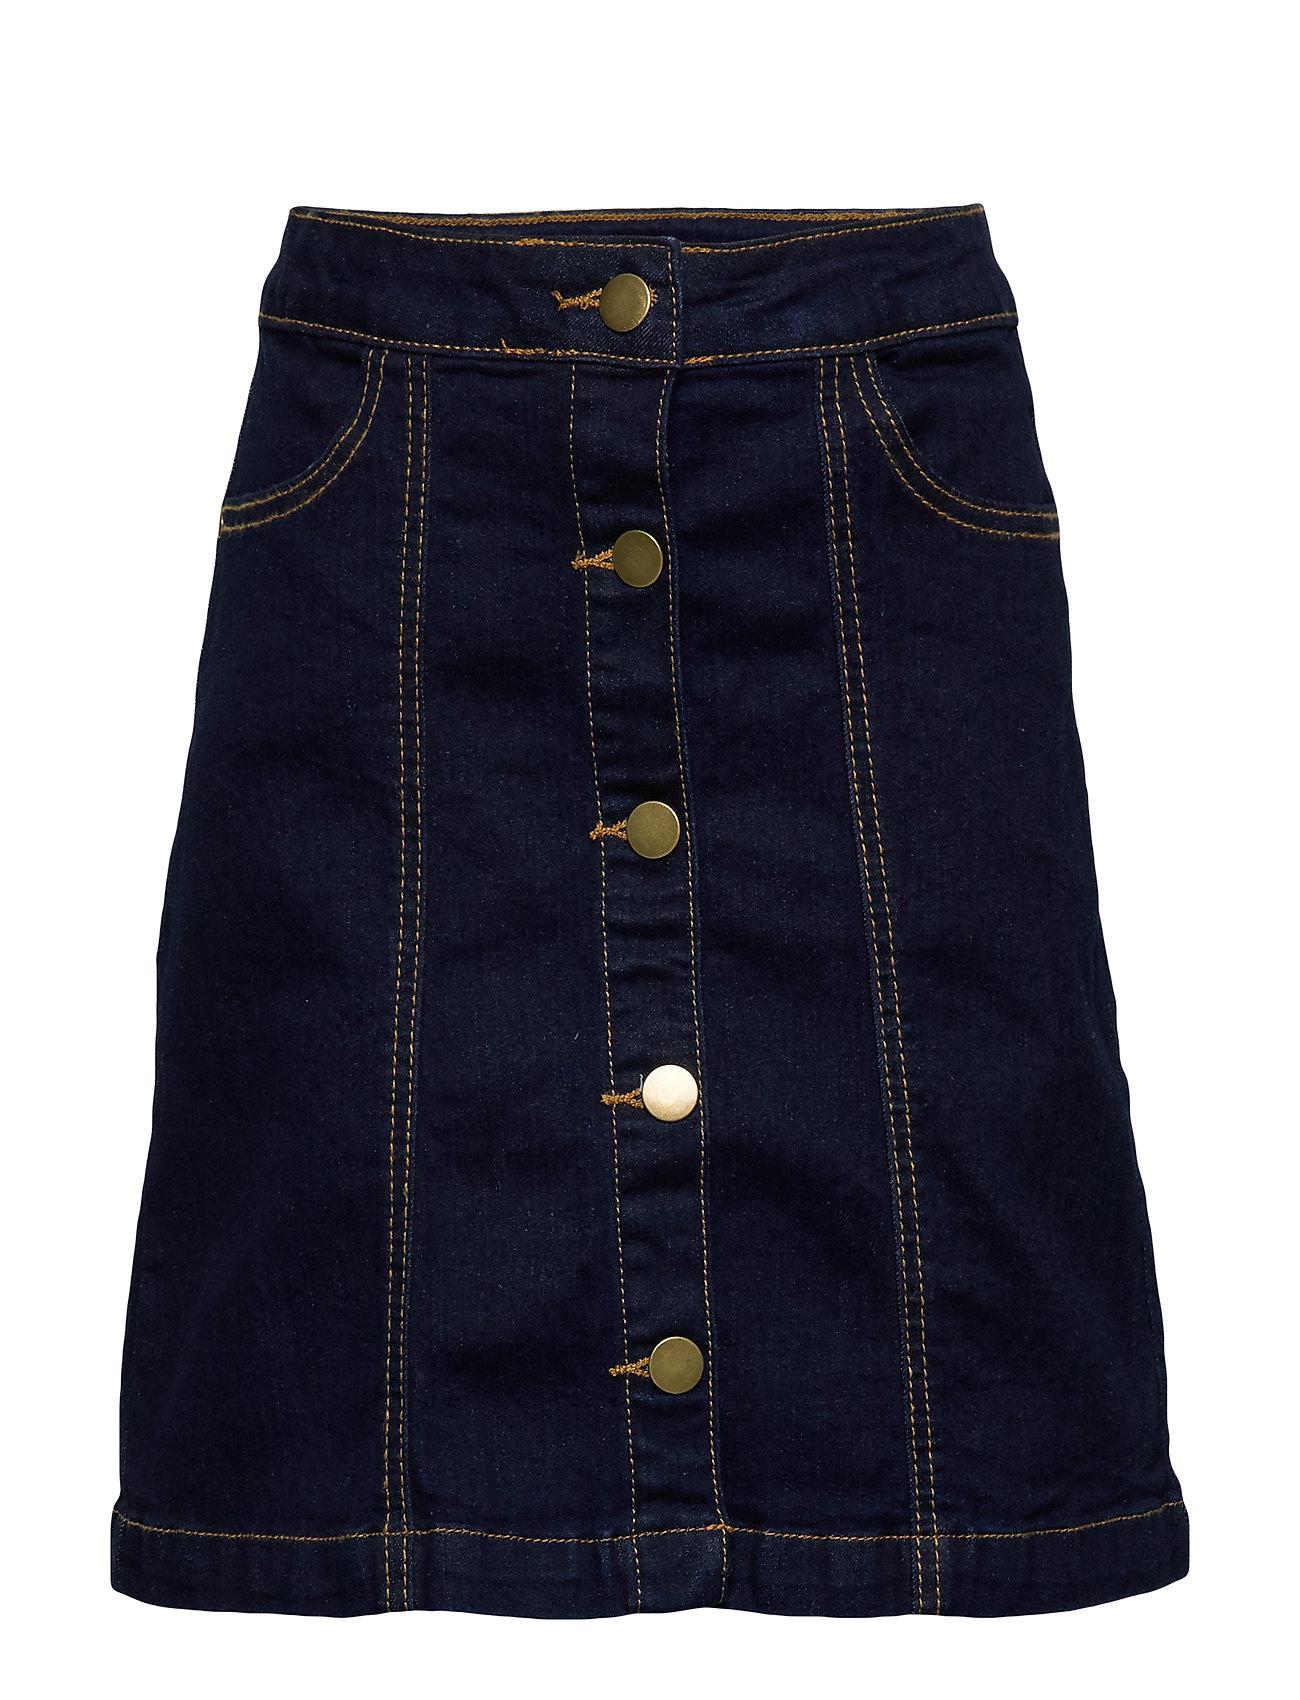 Image of Orvelle Skirt Nederdel Blå The New (3349214625)